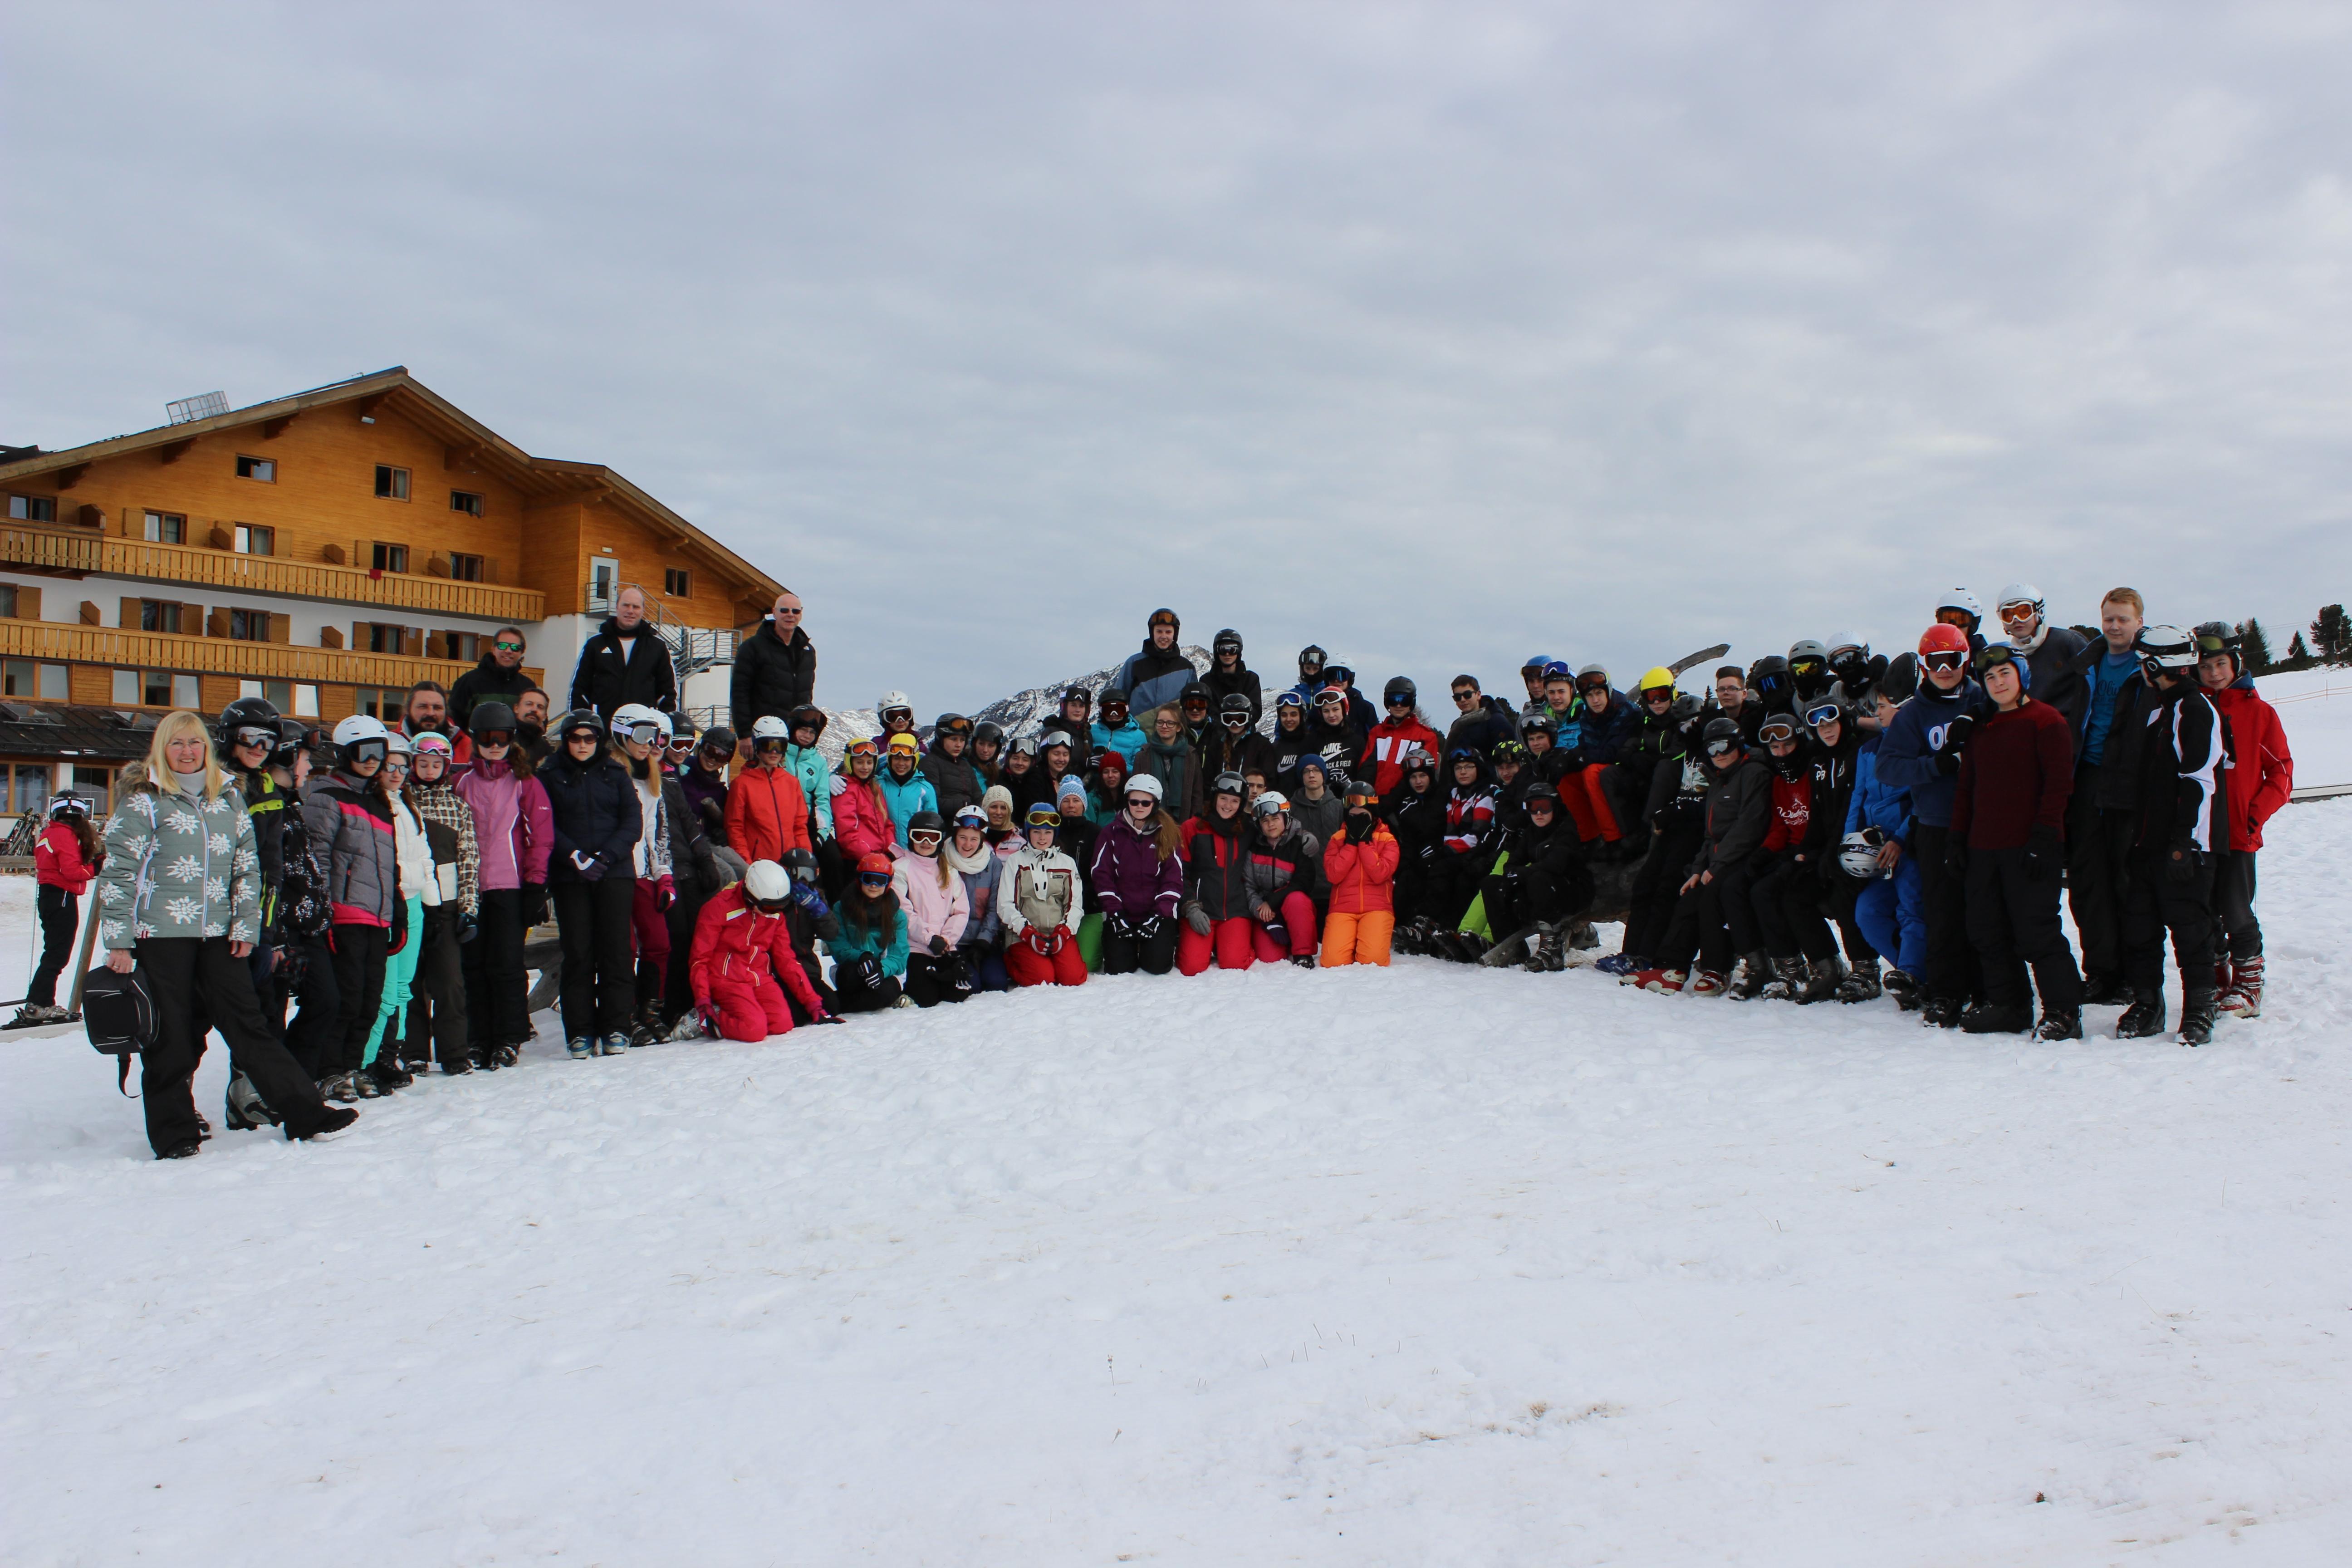 Schneesportunterricht in den Dolomiten